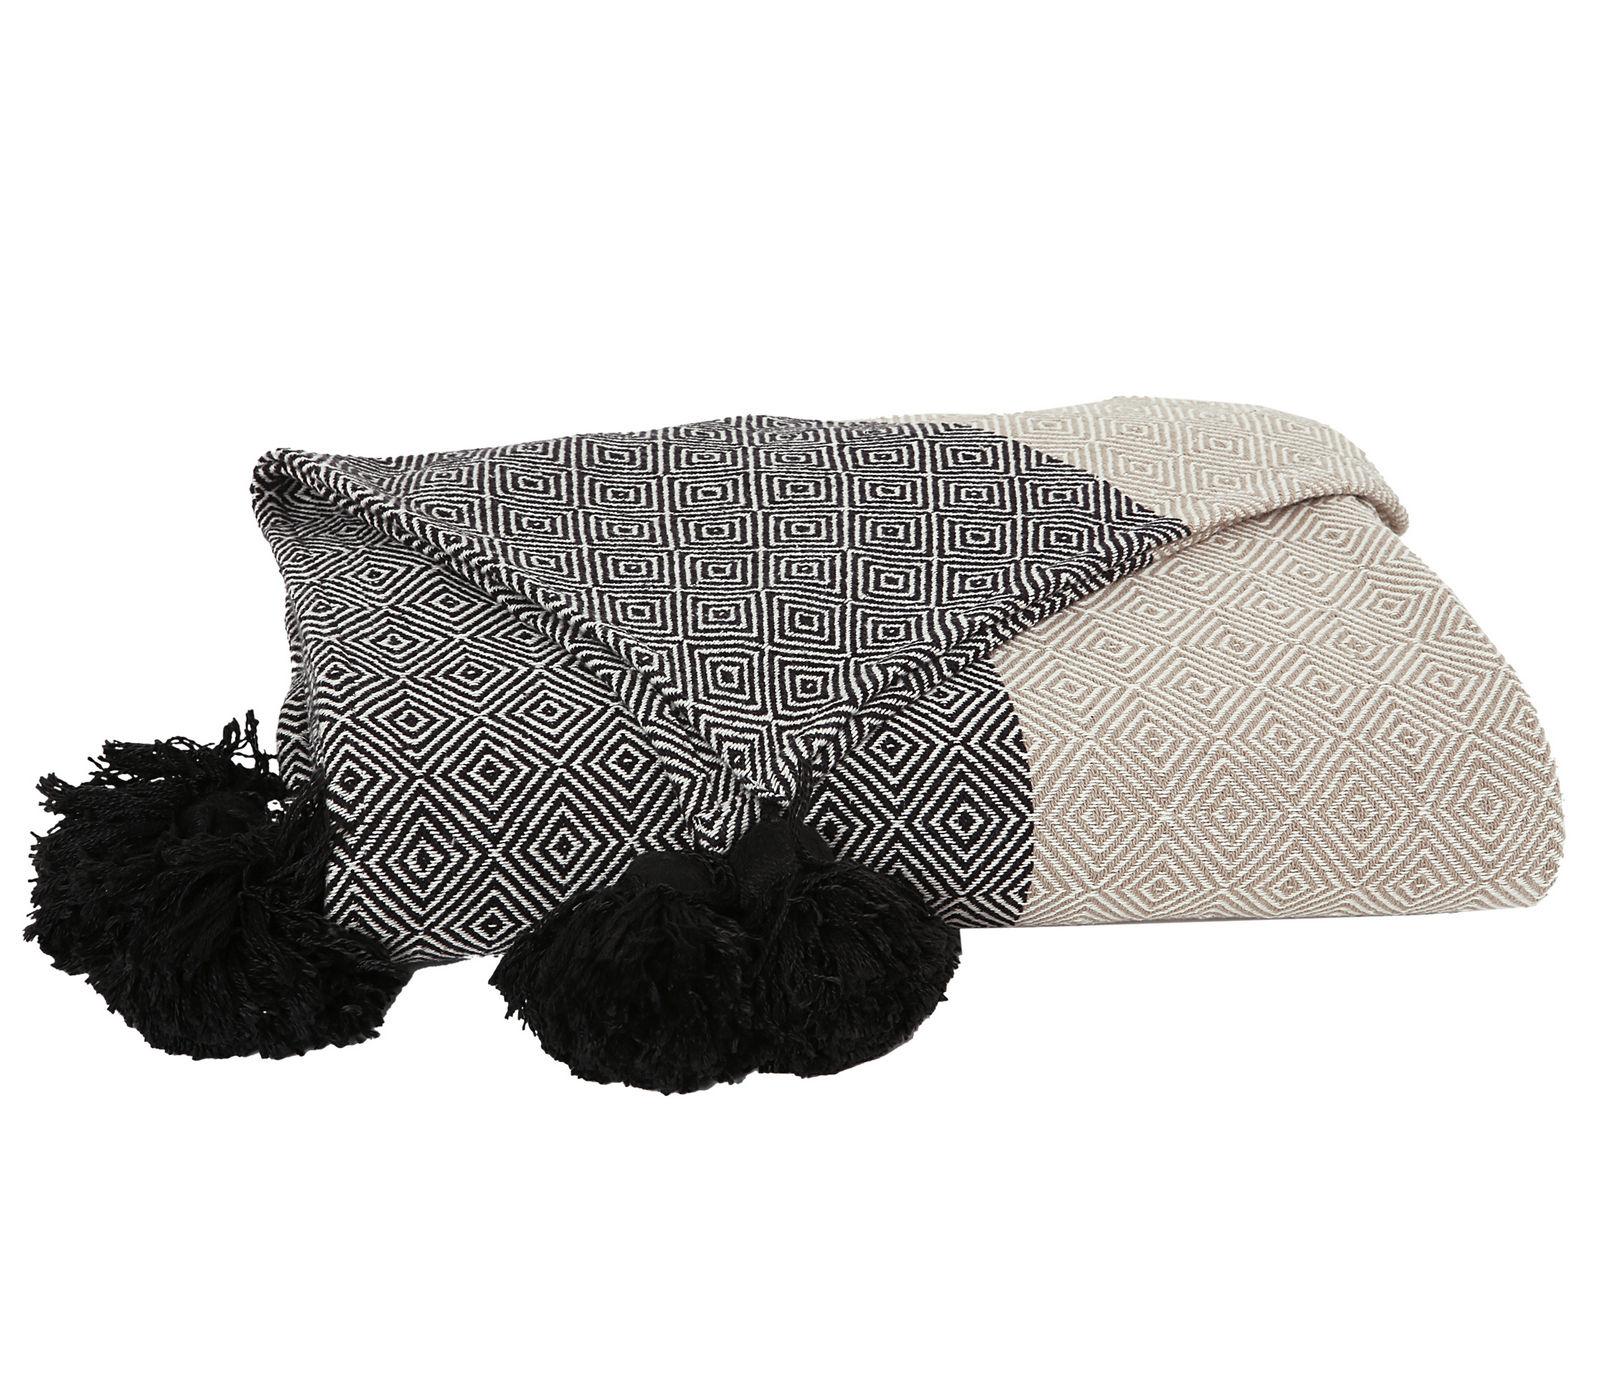 Ριχτάρι Πολυθρόνας 180×180 Nef Nef Νηματοβαφη Βαμβακι Diamond Beige/Black